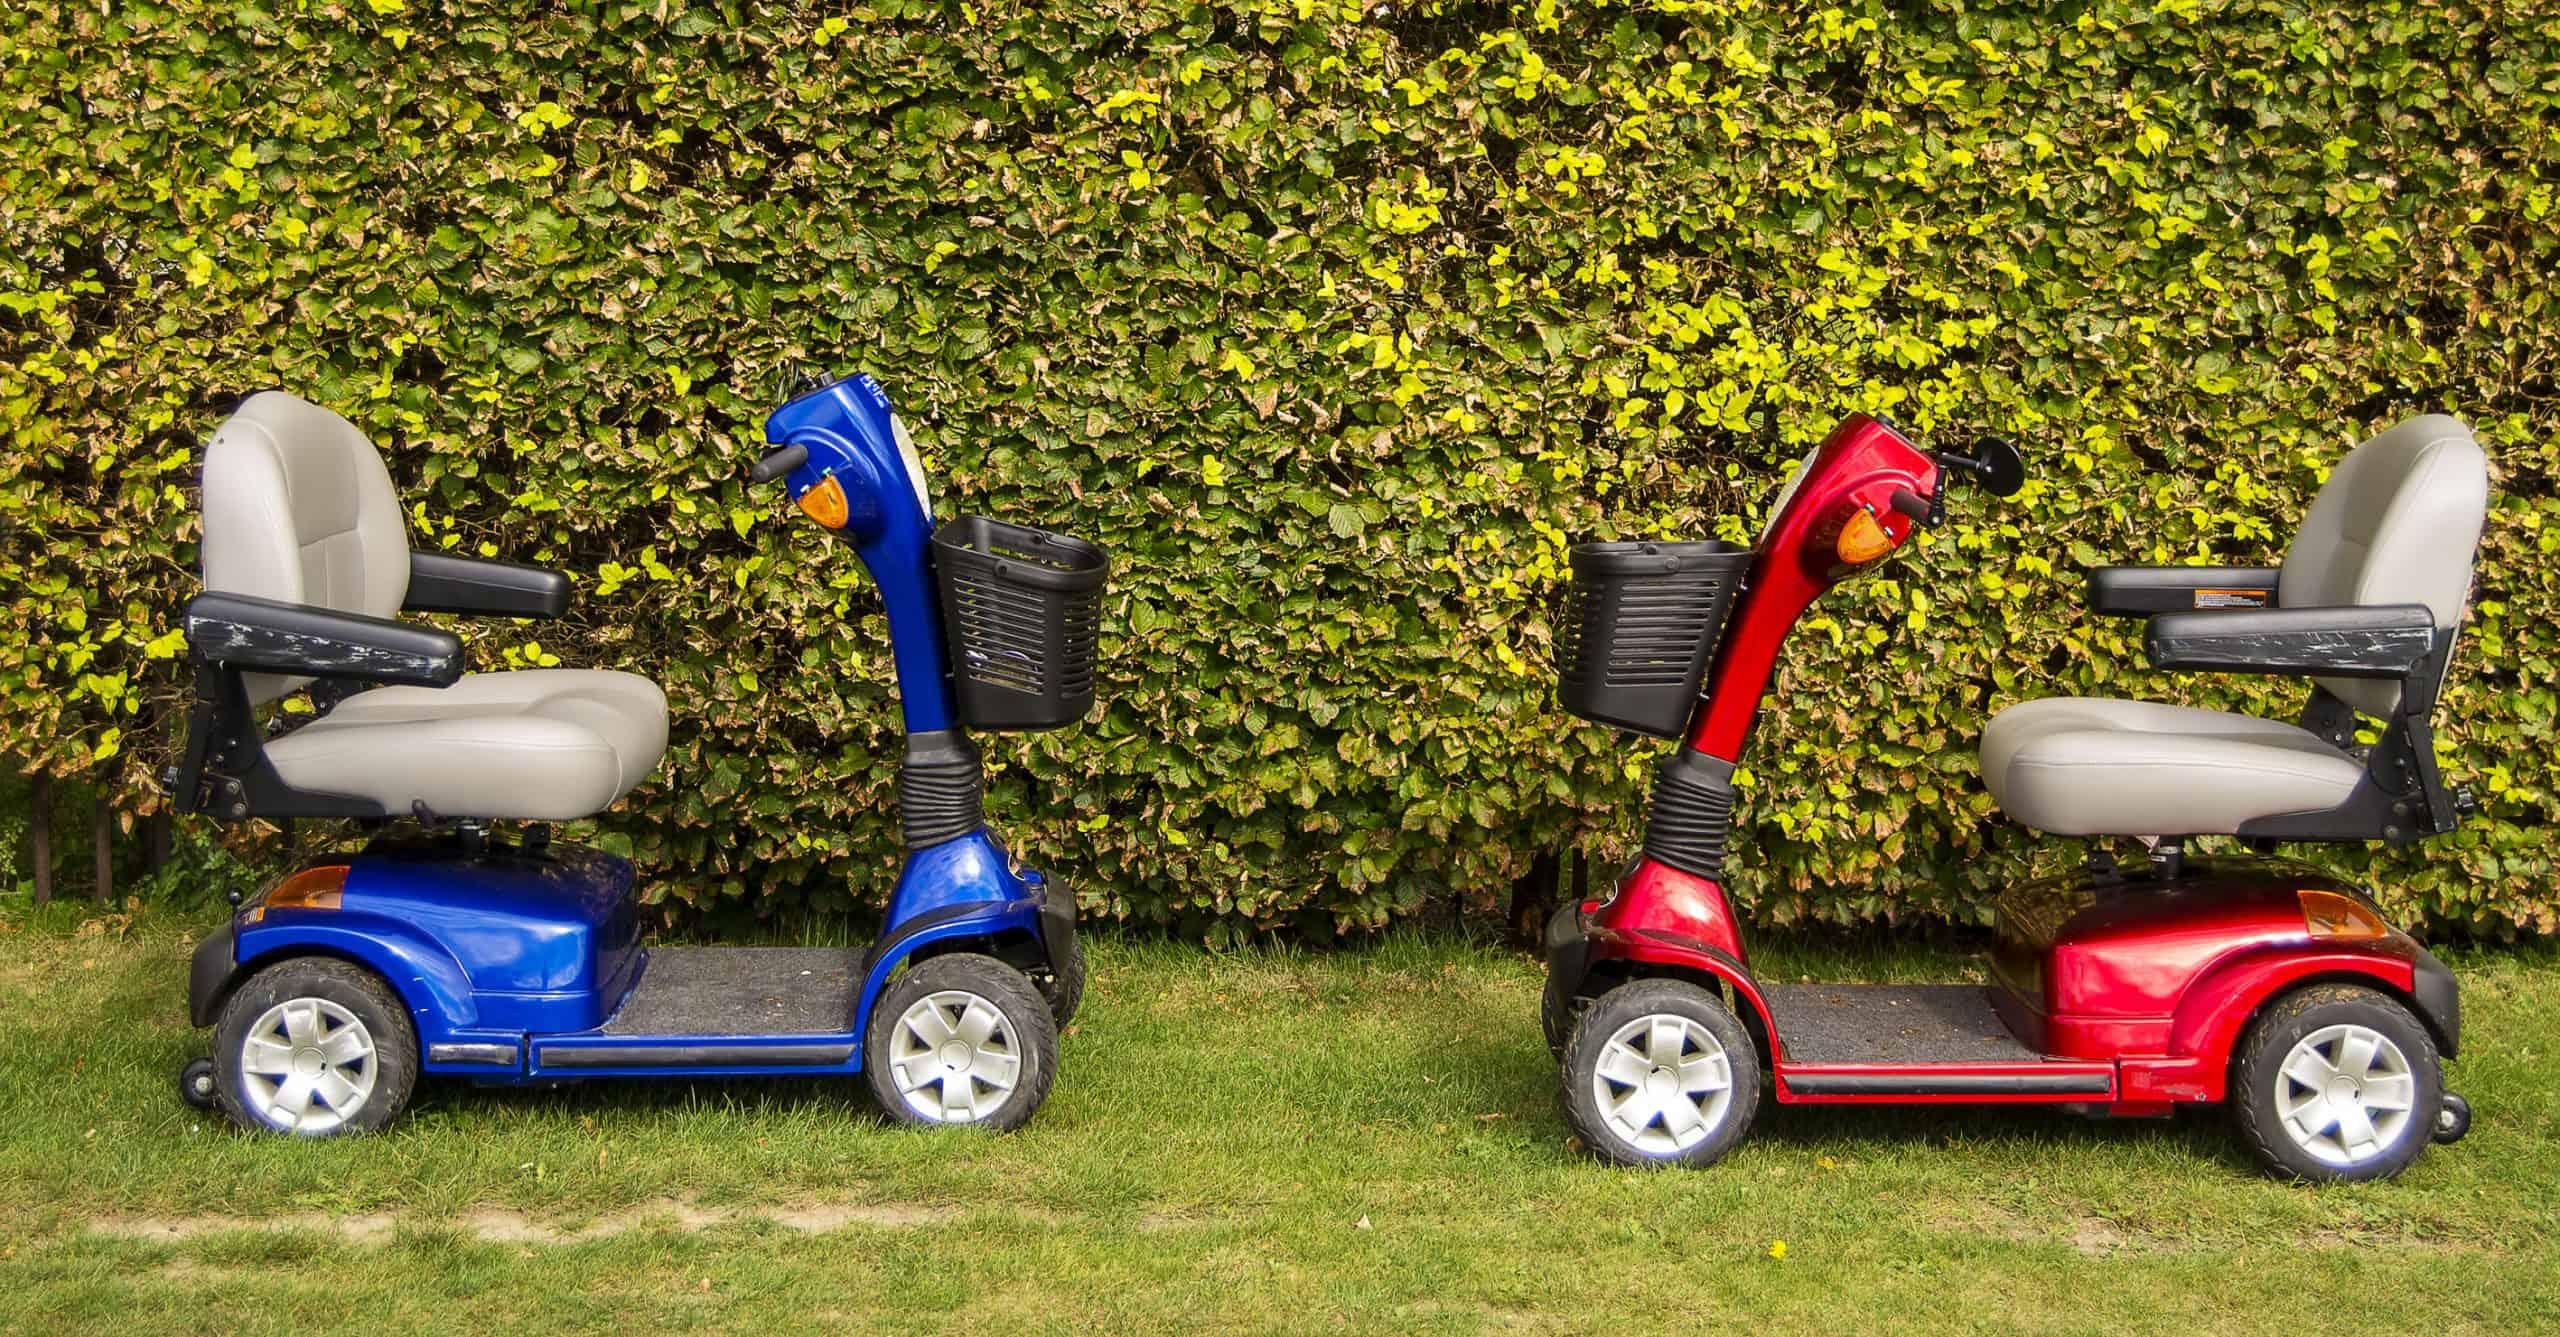 twee elektrische stoelen in park